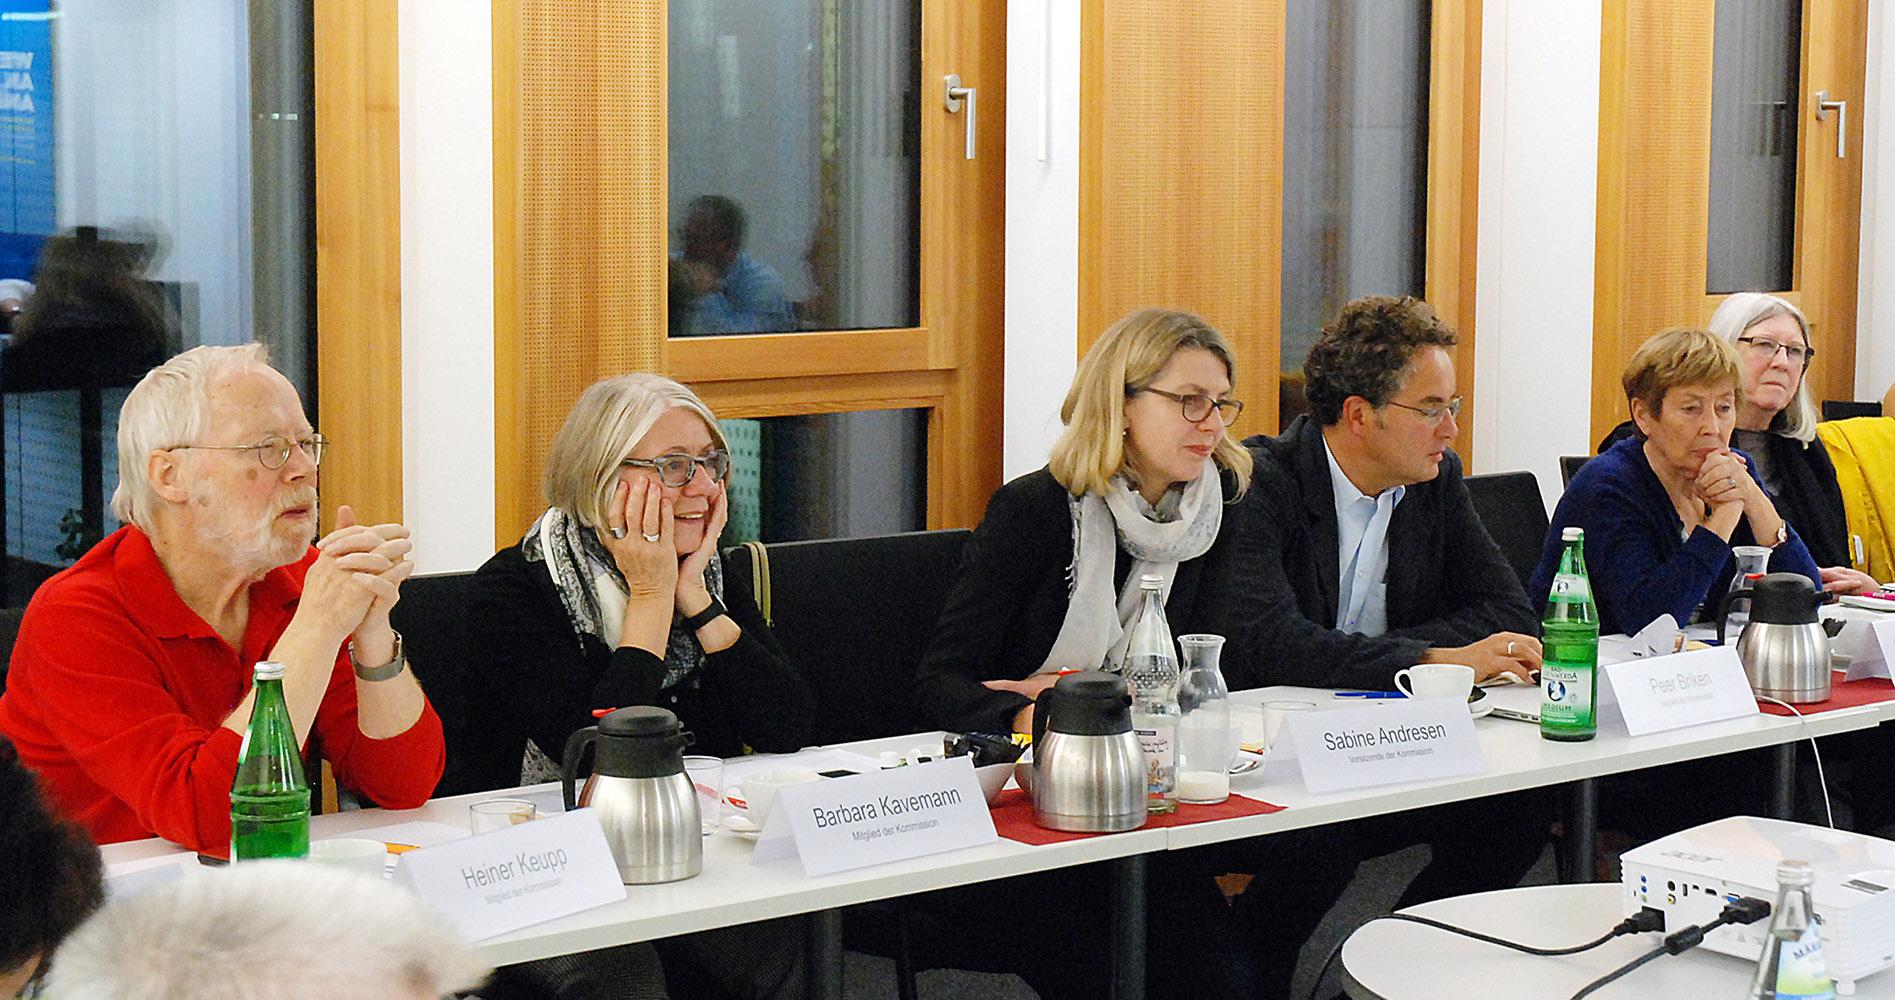 von links nach rechts im Bild: Heiner Keupp, Barbara Kavemann, Sabine Andresen, Peer Briken, Christine Bergmann, Bigitte Tillmann